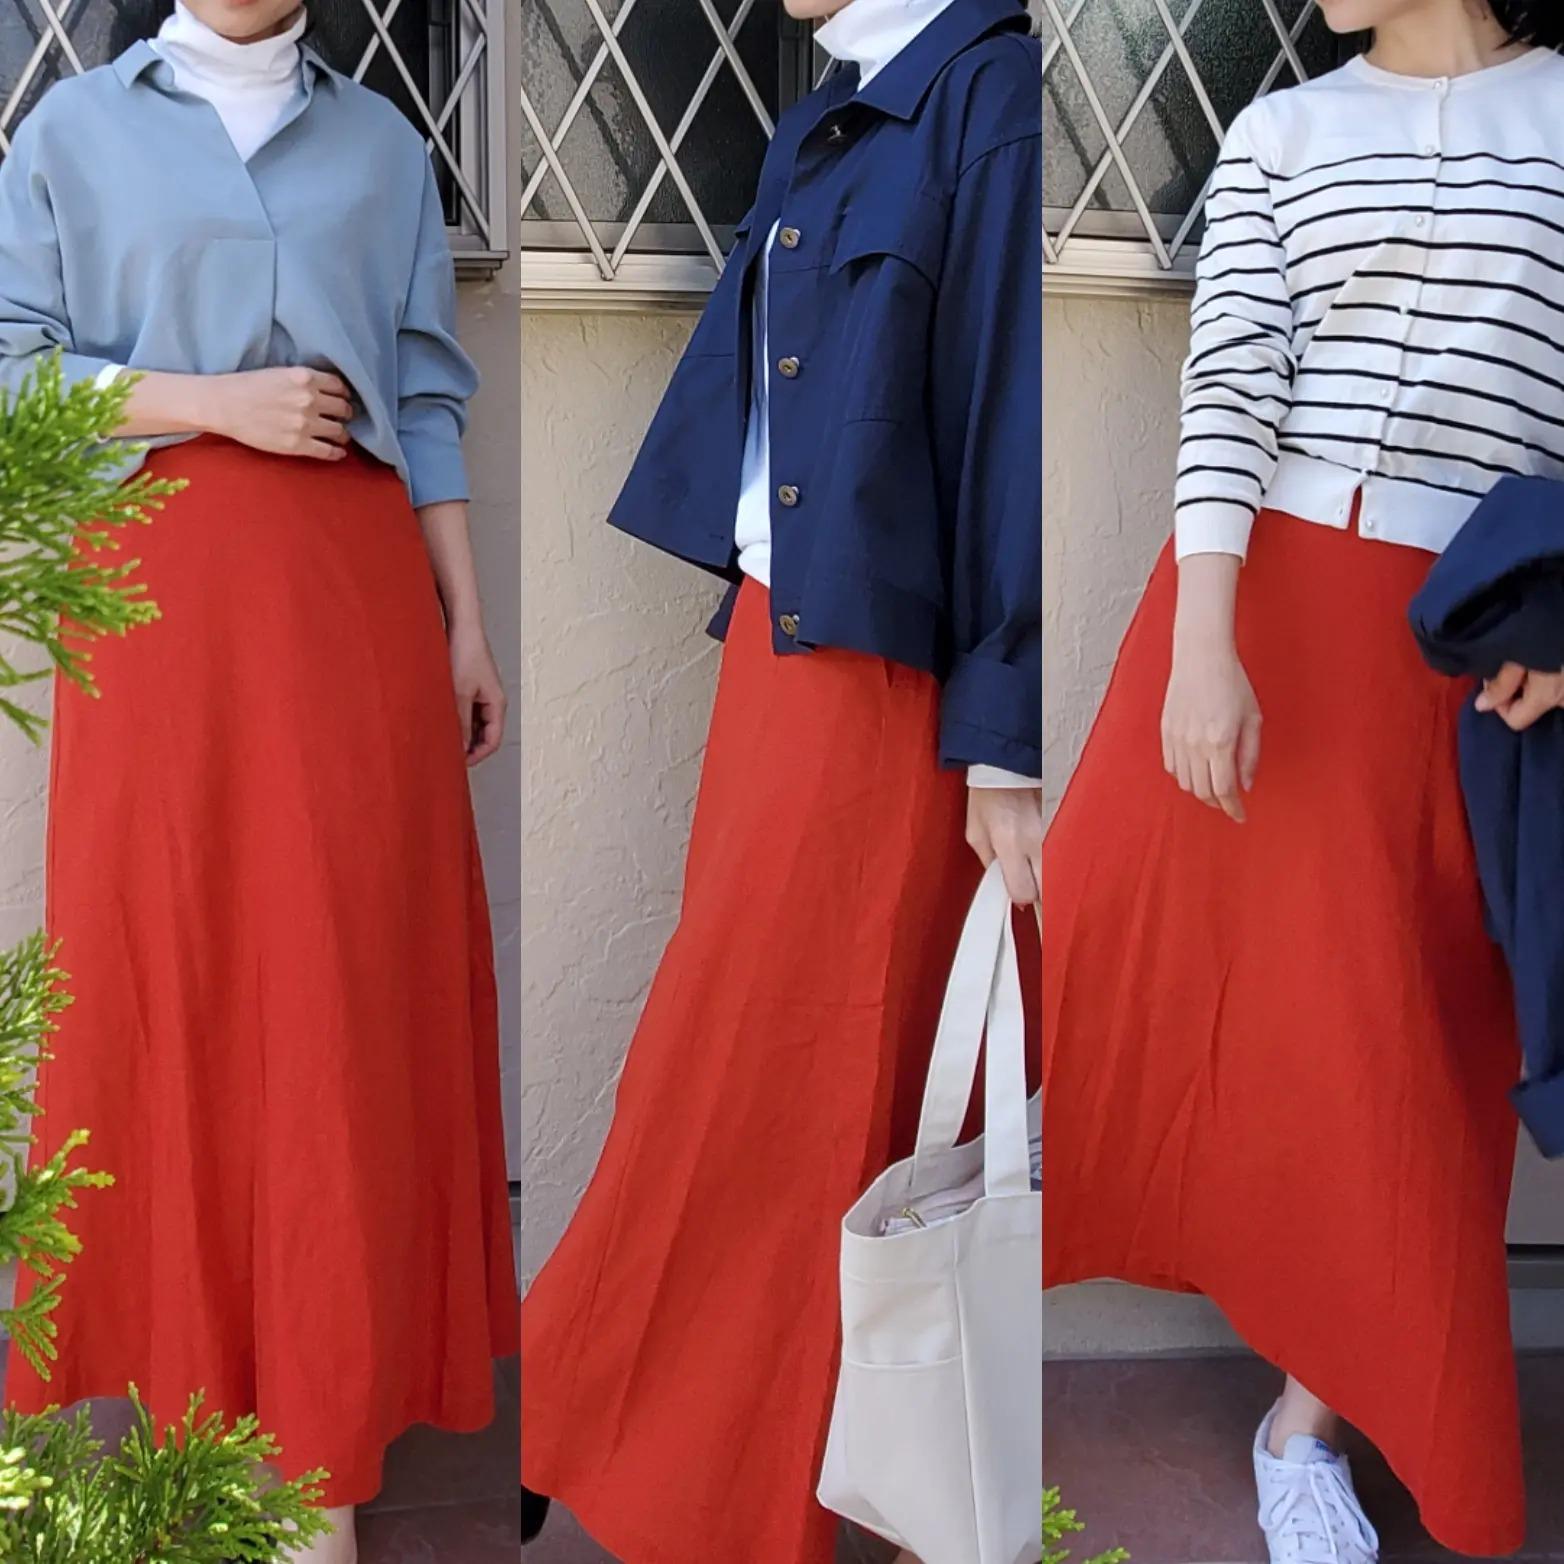 『ユニクロユー』、『GU』のプチプラ春コーデ♪ 赤スカートが気になる!【今週のモアハピ部ファッション人気ランキング】_1